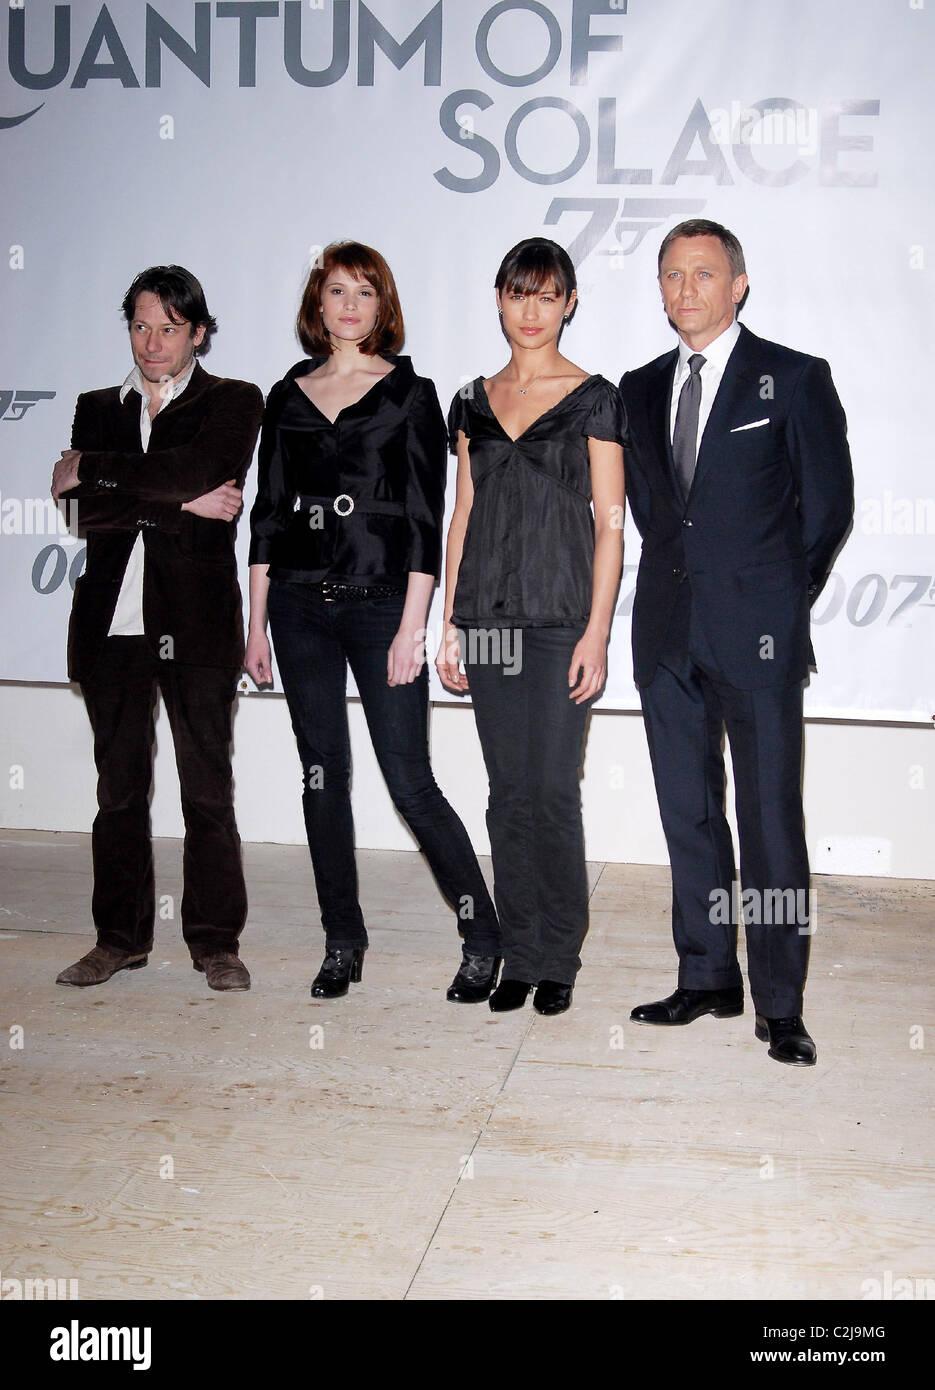 Gemma Arterton Olga Kurylenko Mathieu Amalric Und Daniel Craig